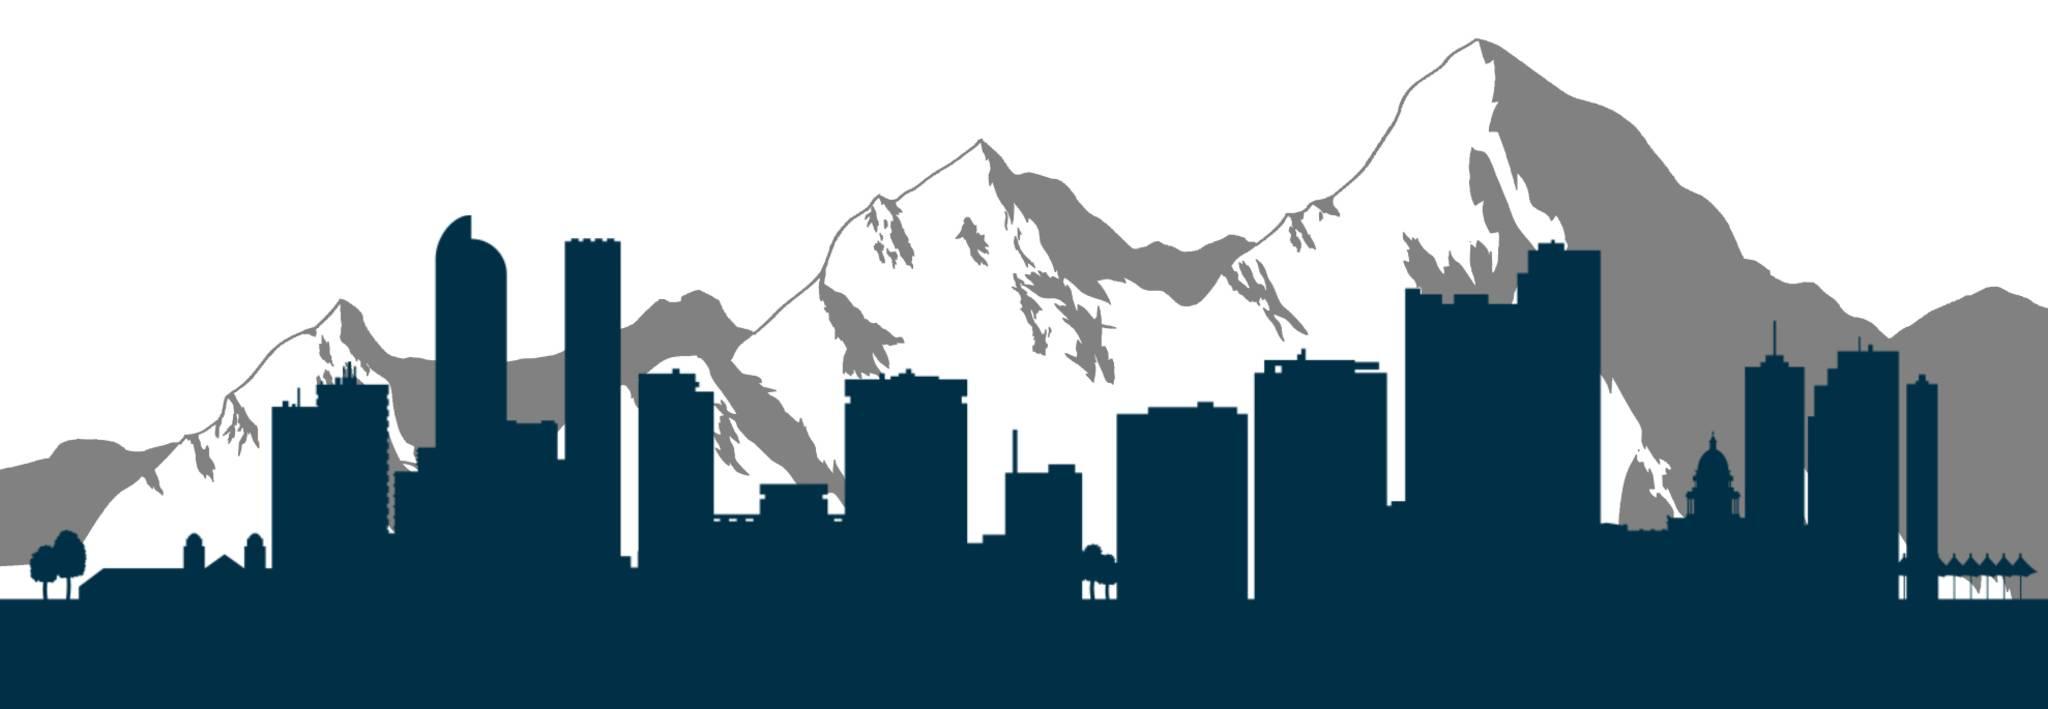 Artwork shows the city of Denver and mountains of Colorado.